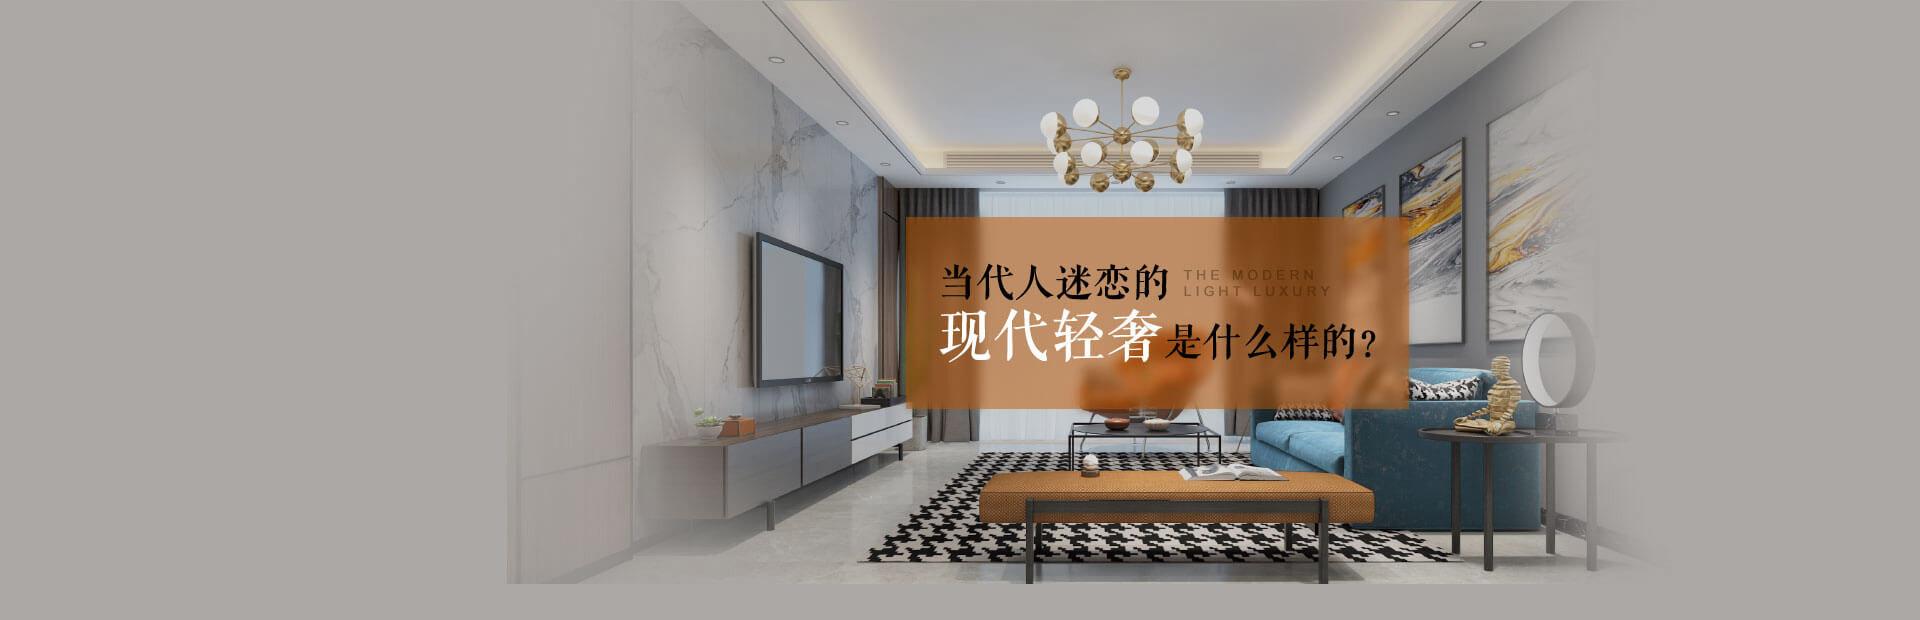 全屋整装一体化设计装潢完美家居